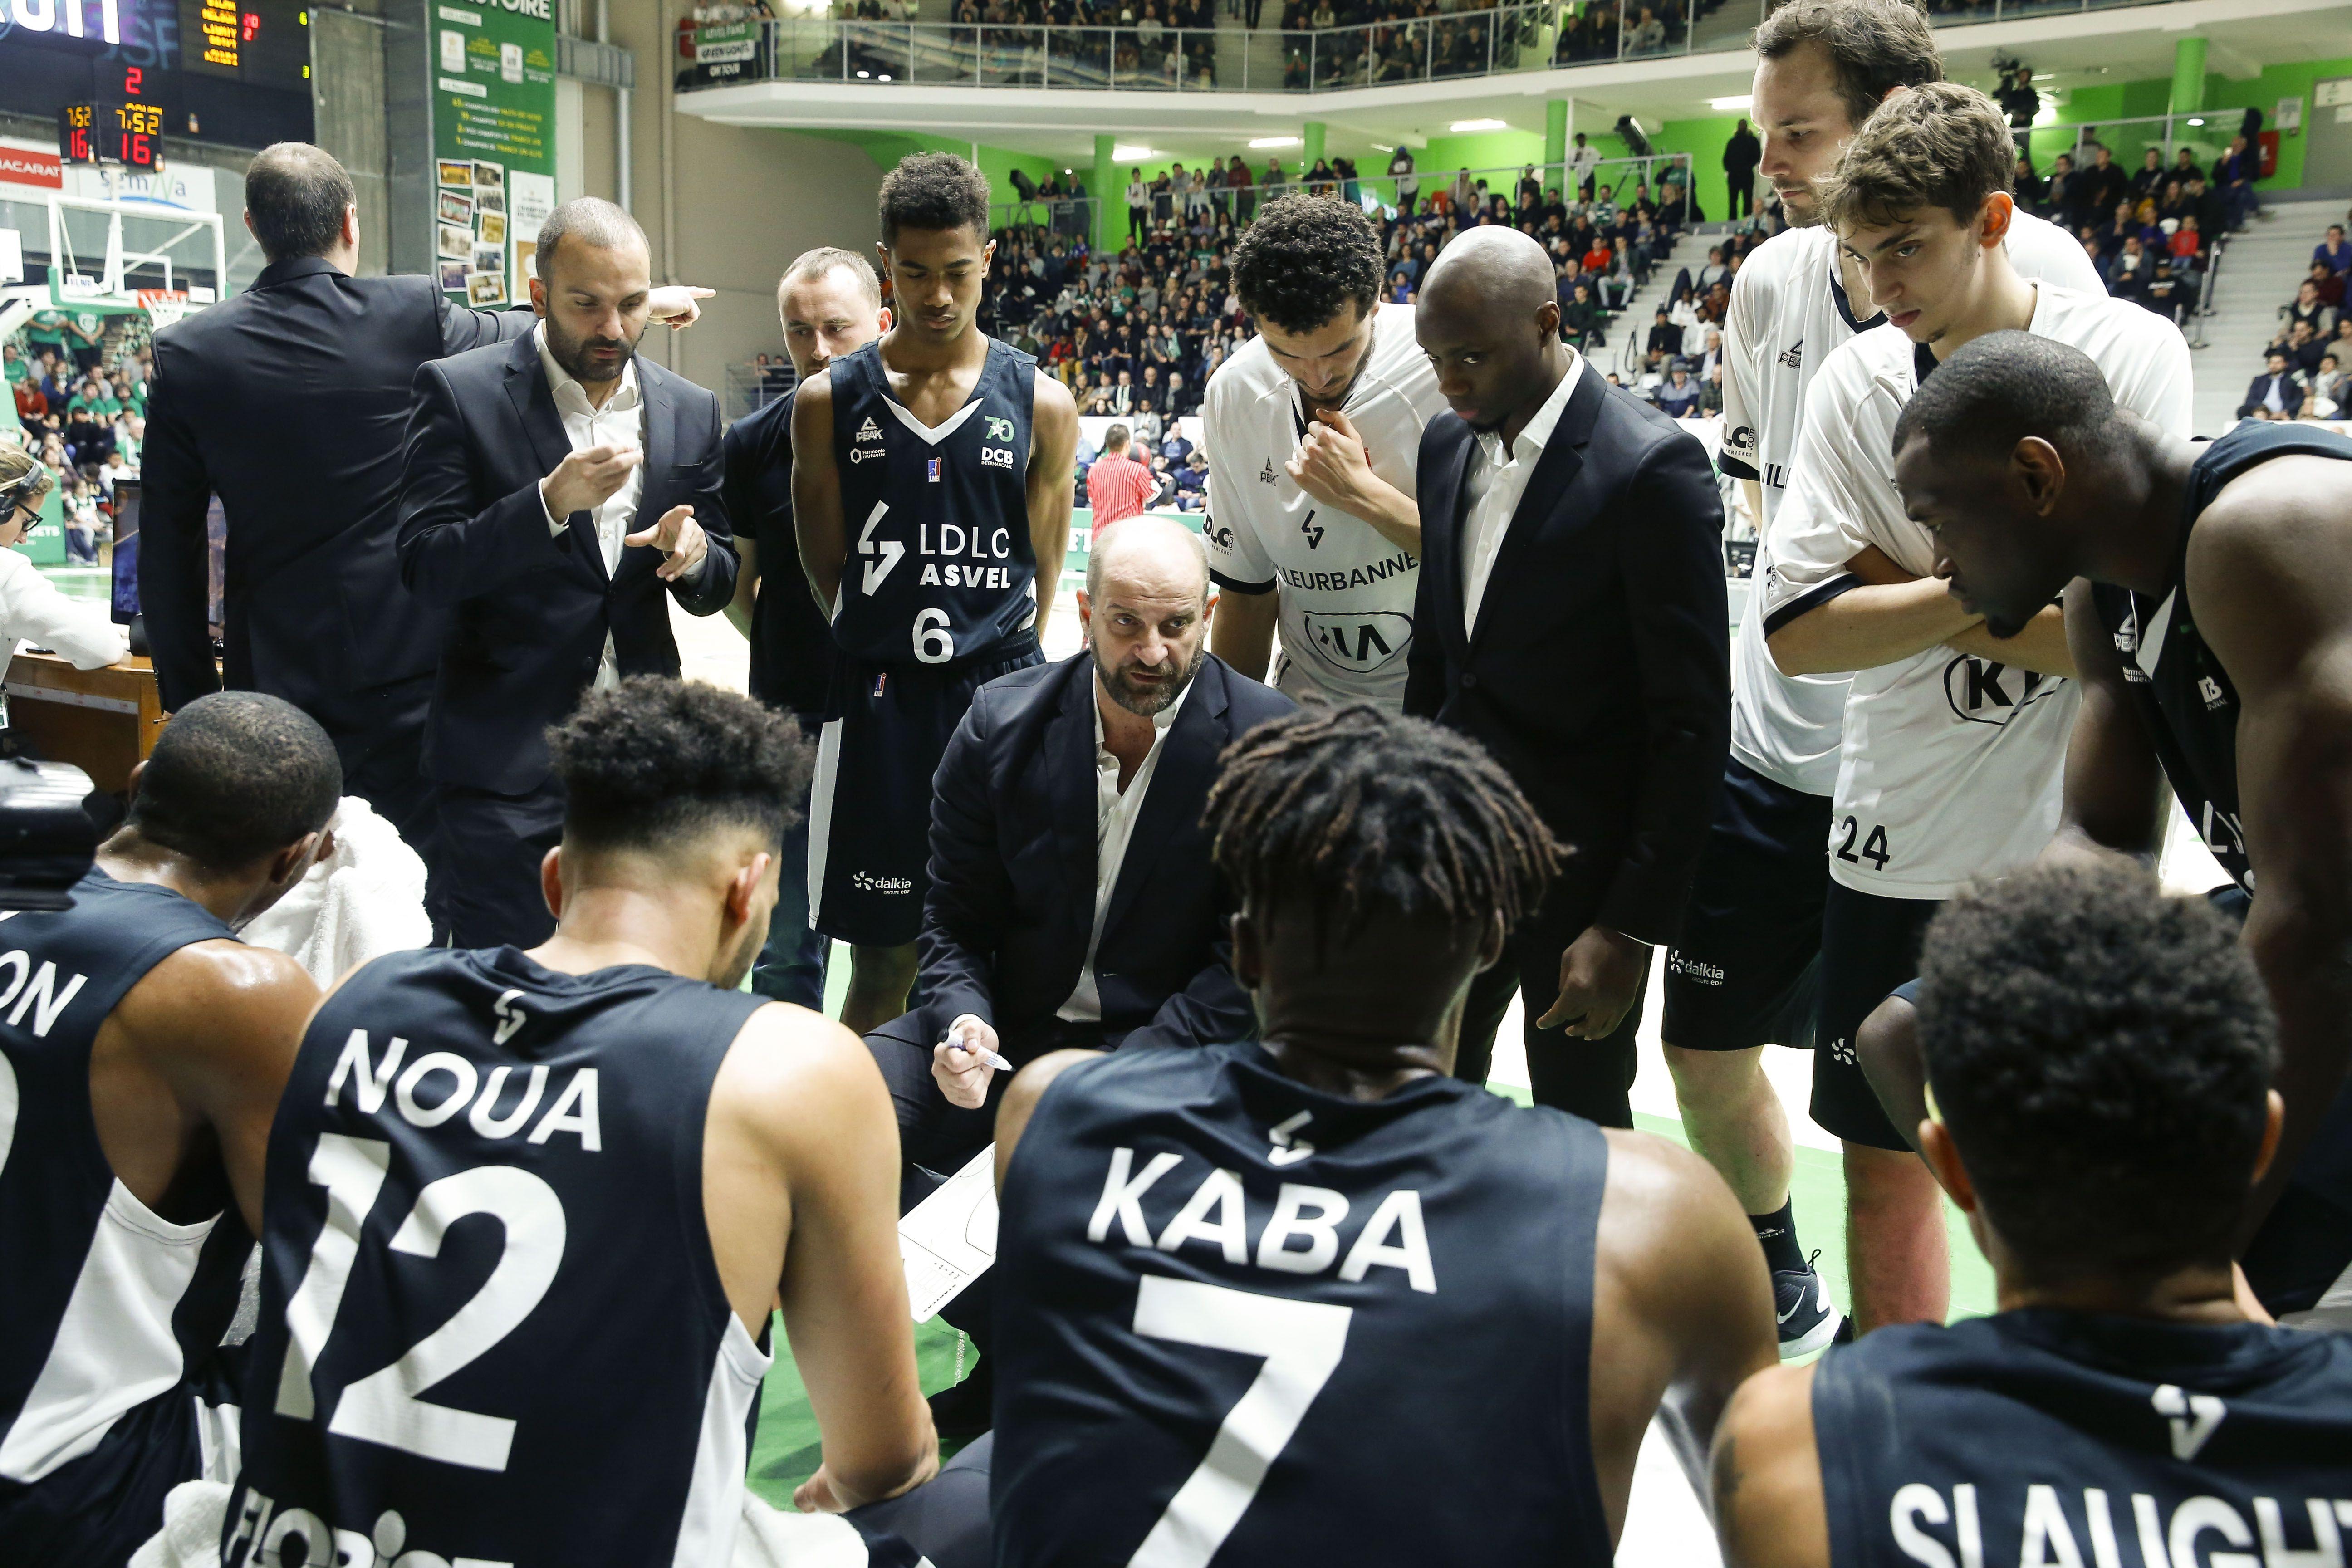 Basket - Jeep ELITE - Leaders Cup : l'ASVEL en pole pour succéder à Monaco